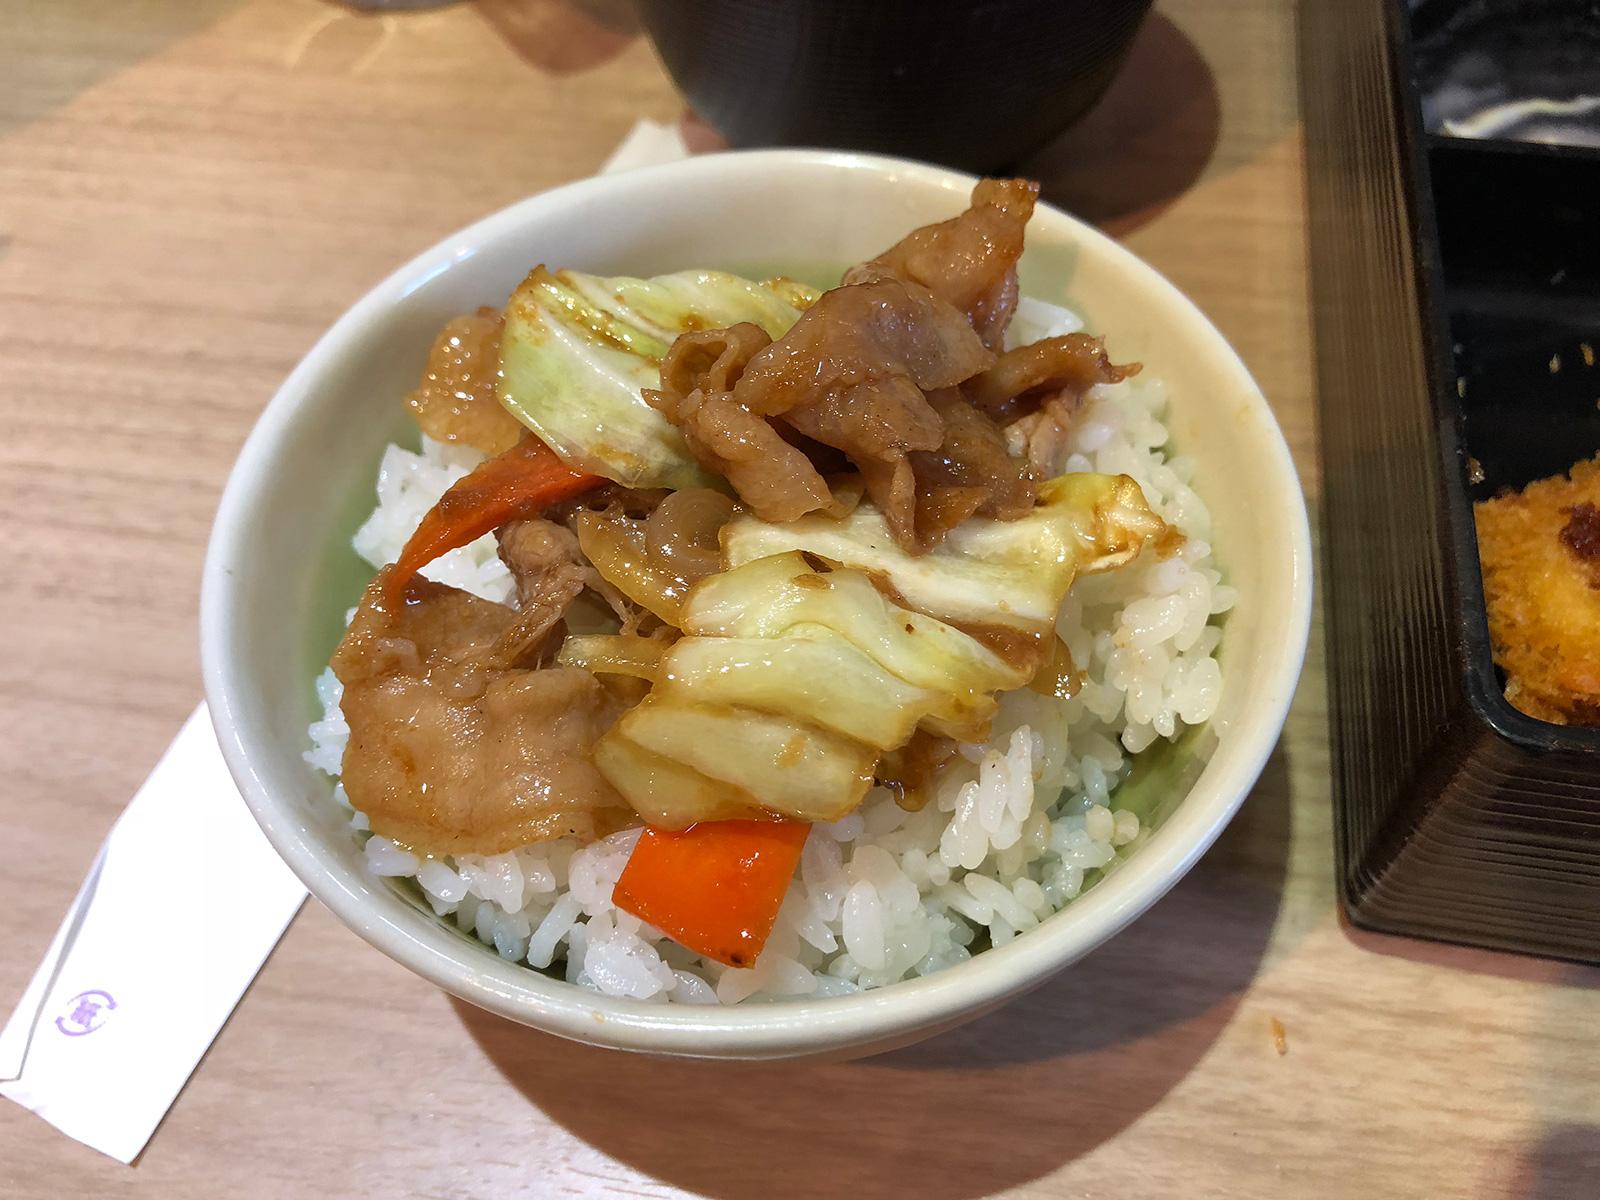 「創作厨房ぐろう」の豚焼肉とイカフライランチ @平田